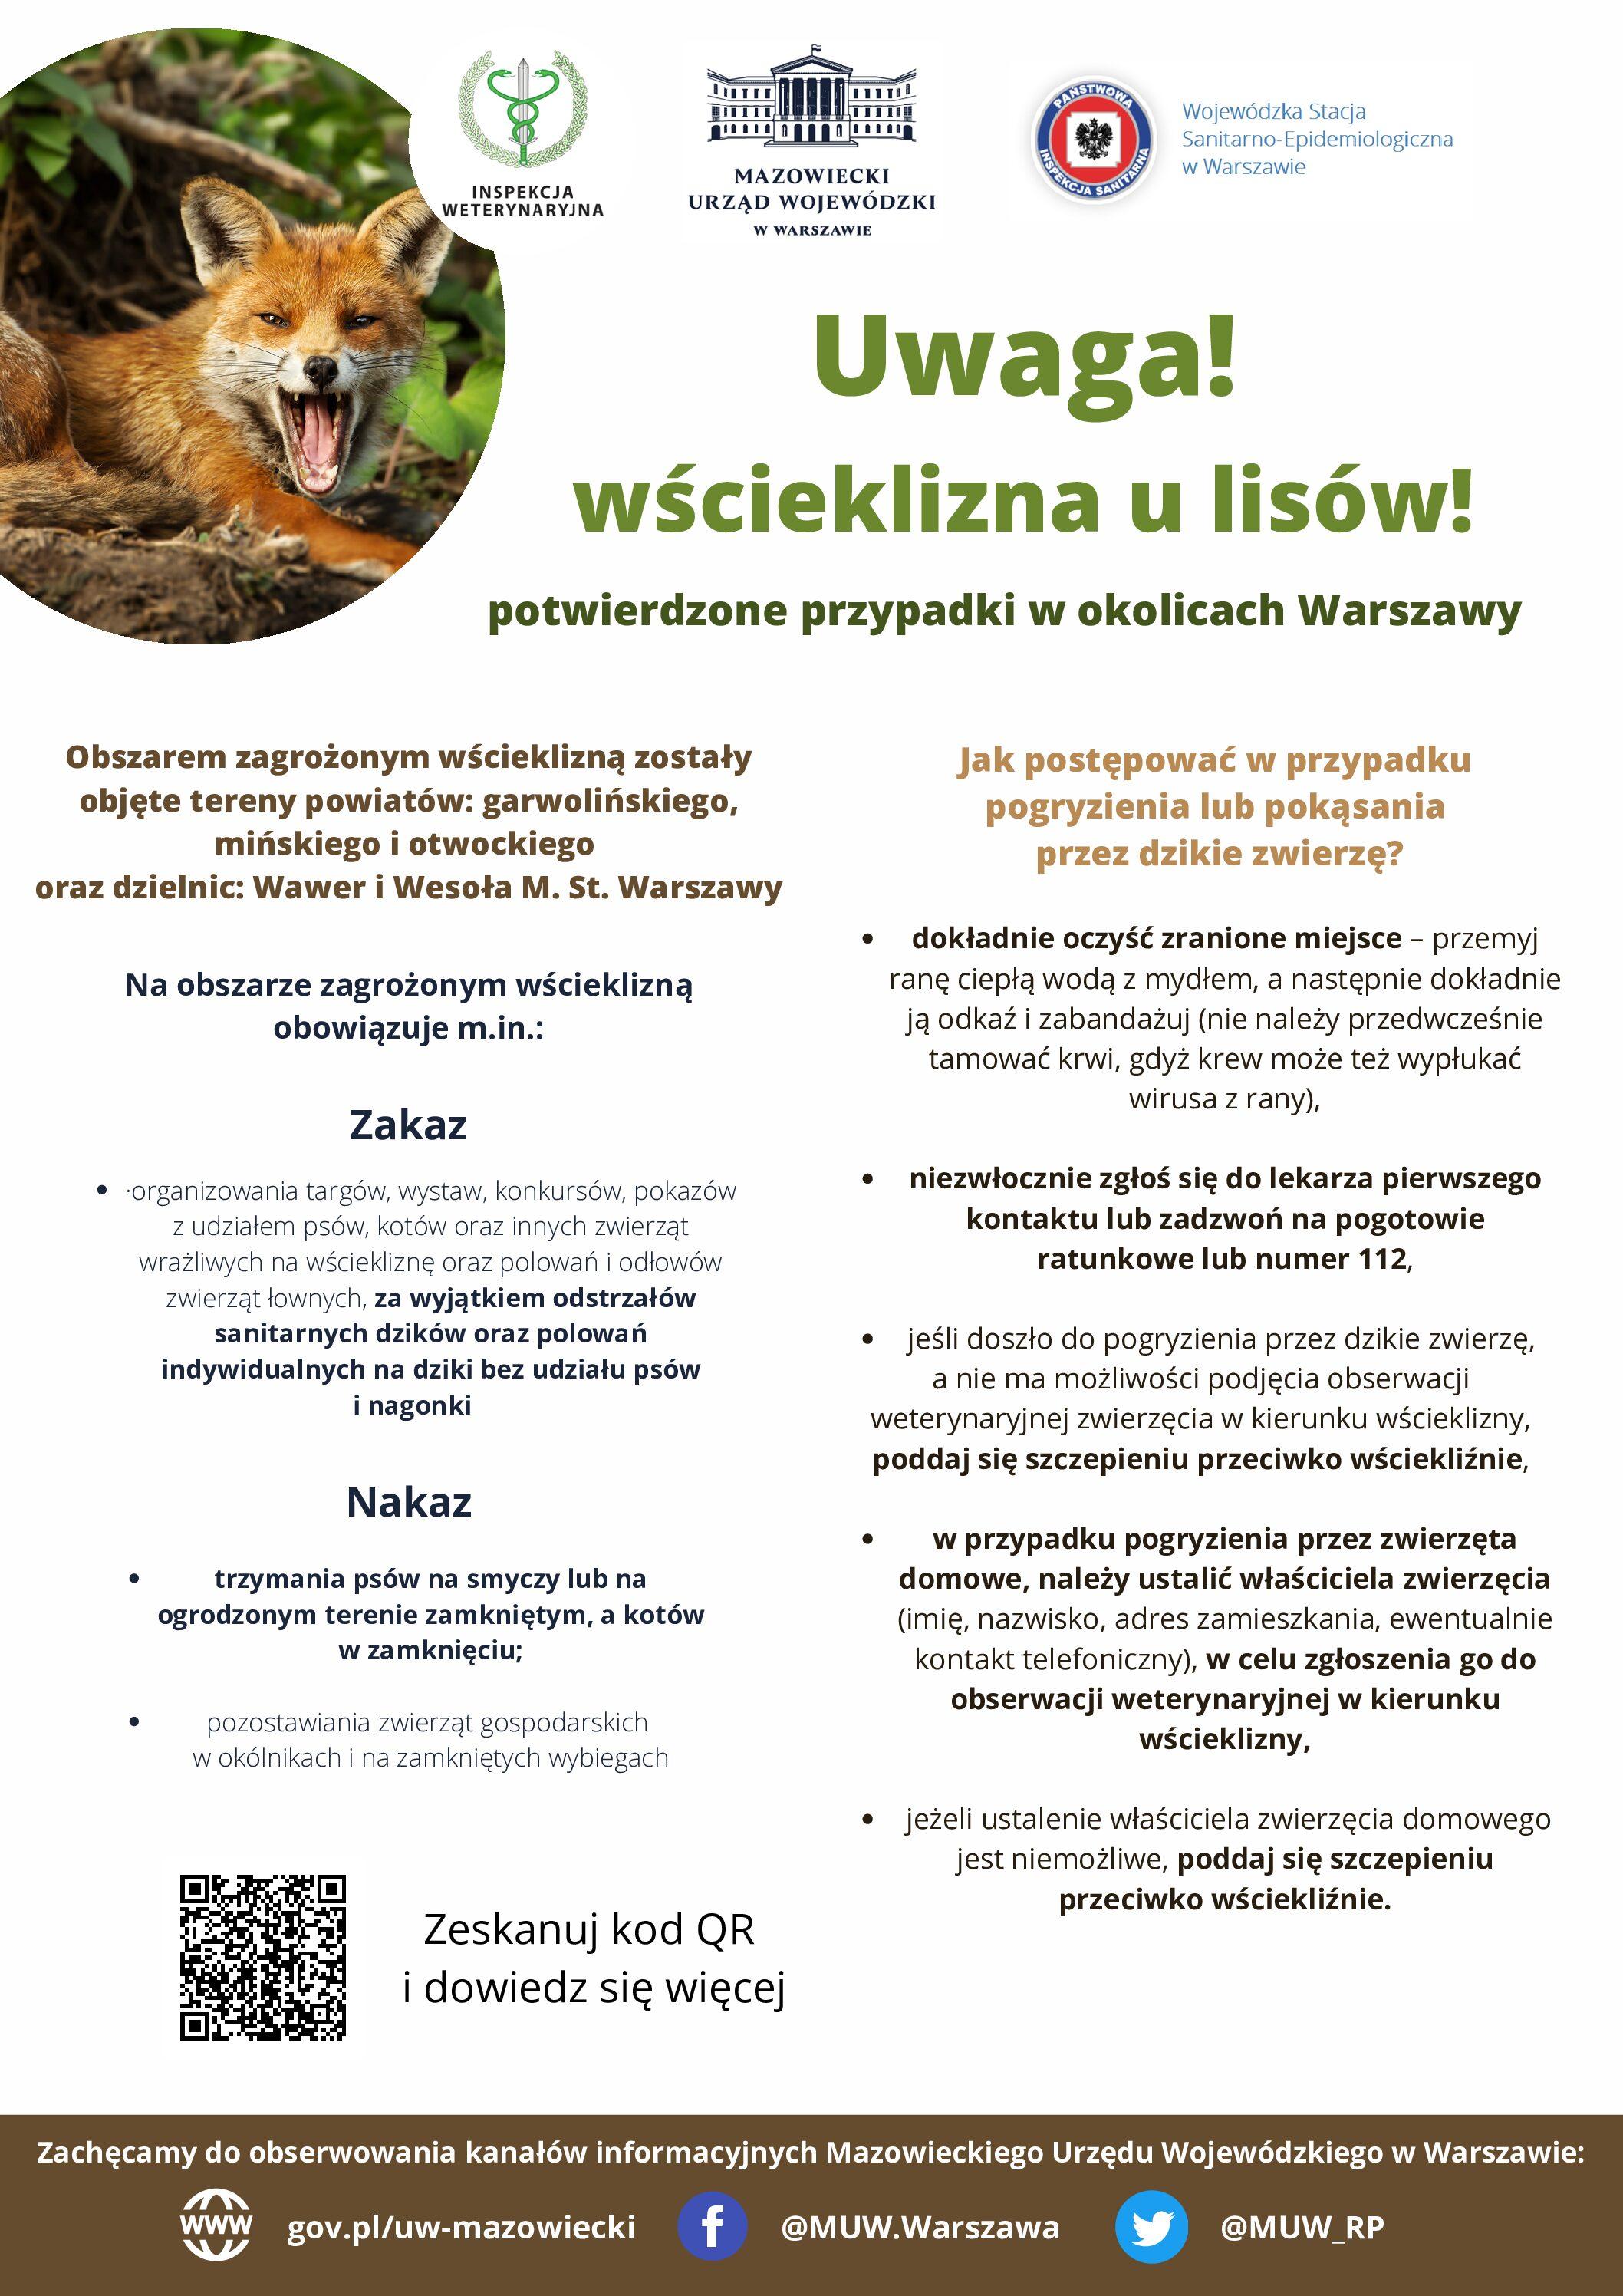 Wścieklizna u lisów w woj. mazowieckim